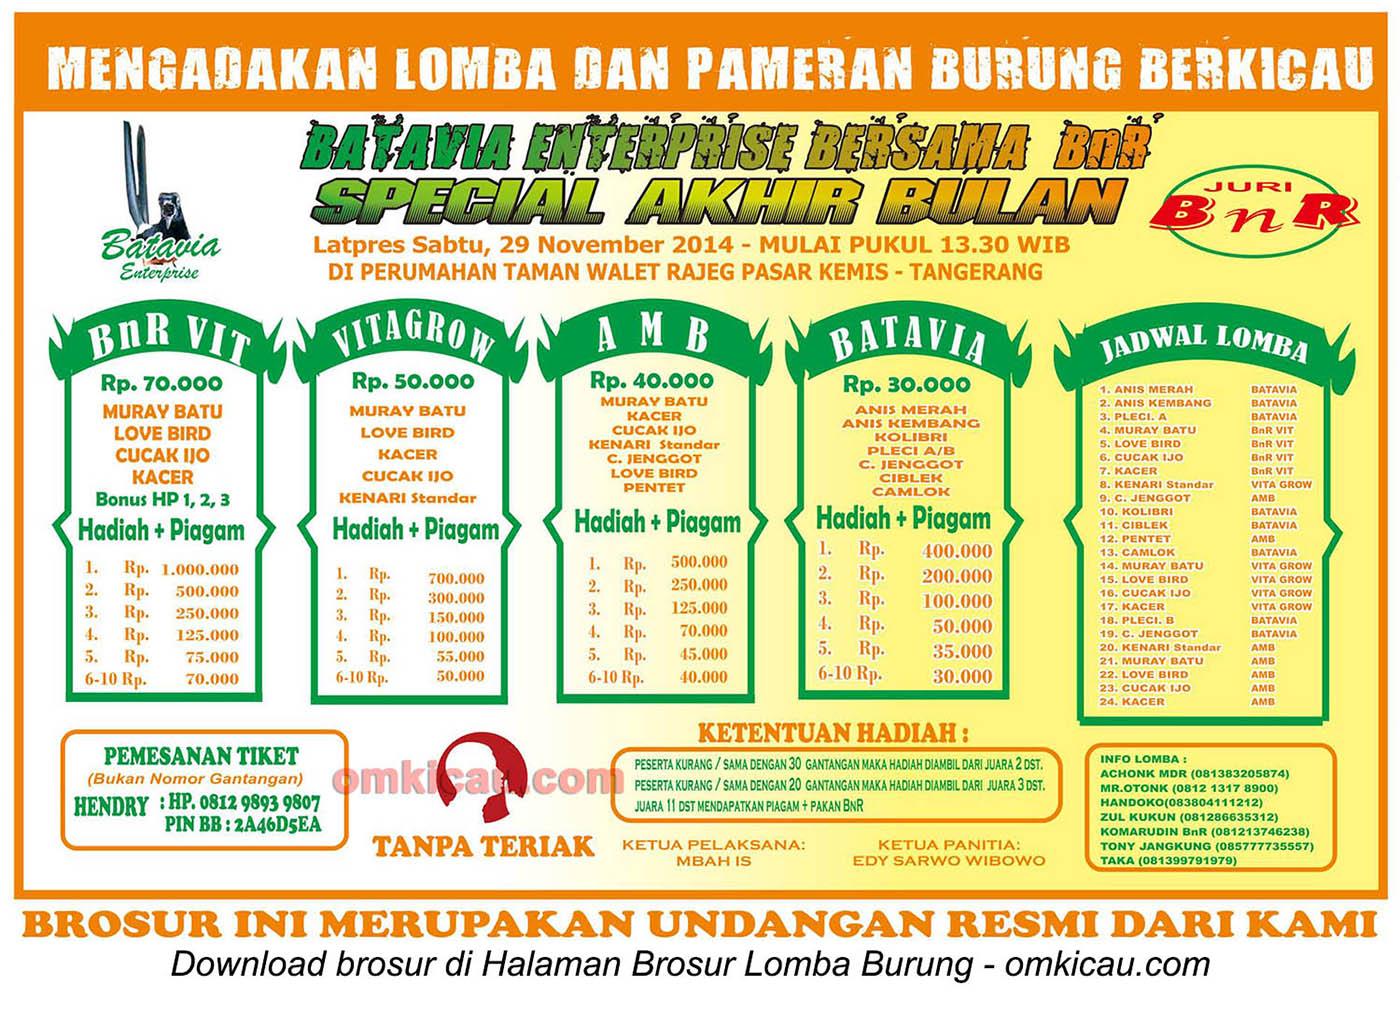 Brosur Lomba Burung Batavia Enterprise Special Akhir Bulan, Tangerang, 29 November 2014